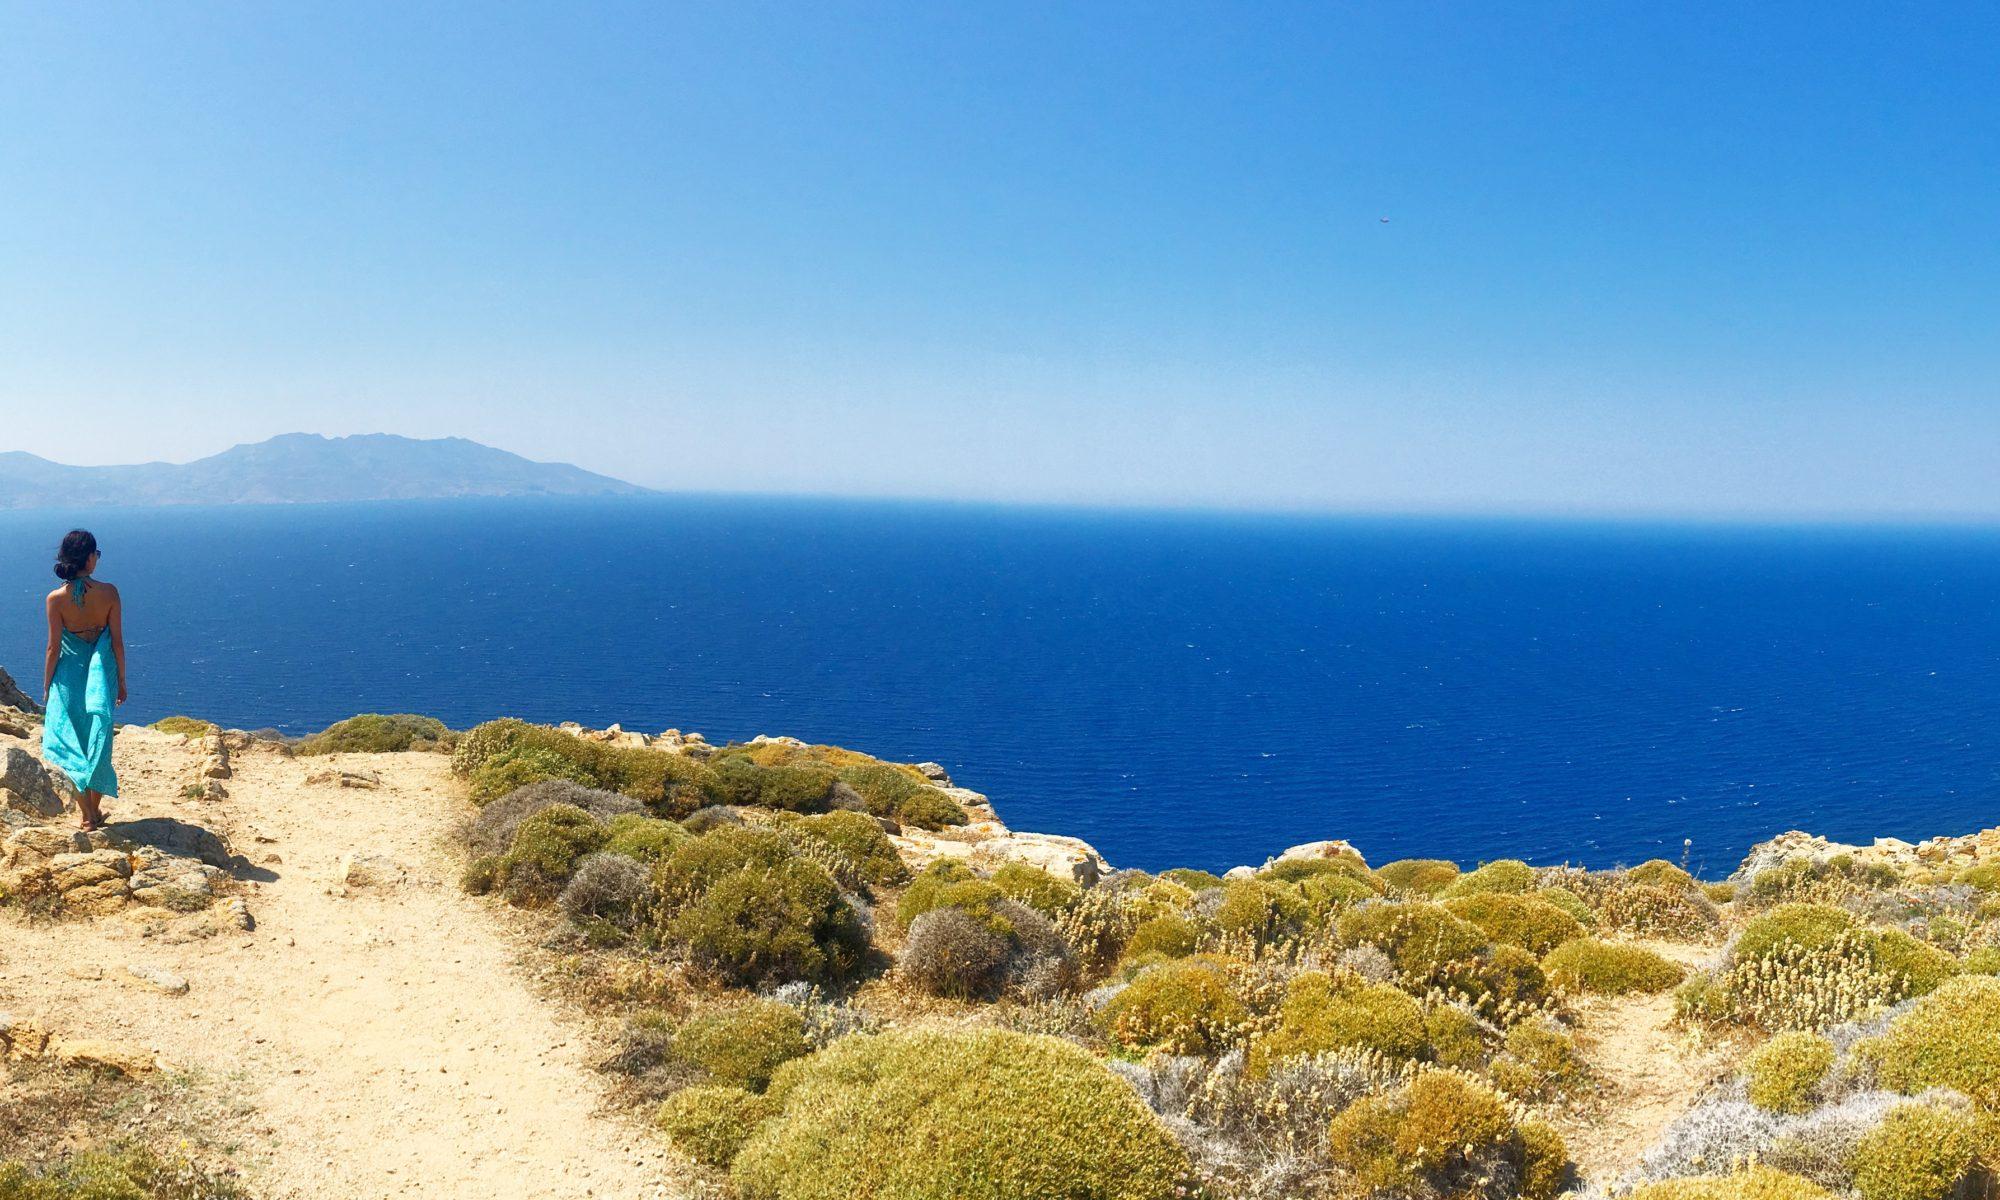 希臘米克諾斯4天3夜慵懶海灘+自駕行程 Day 4